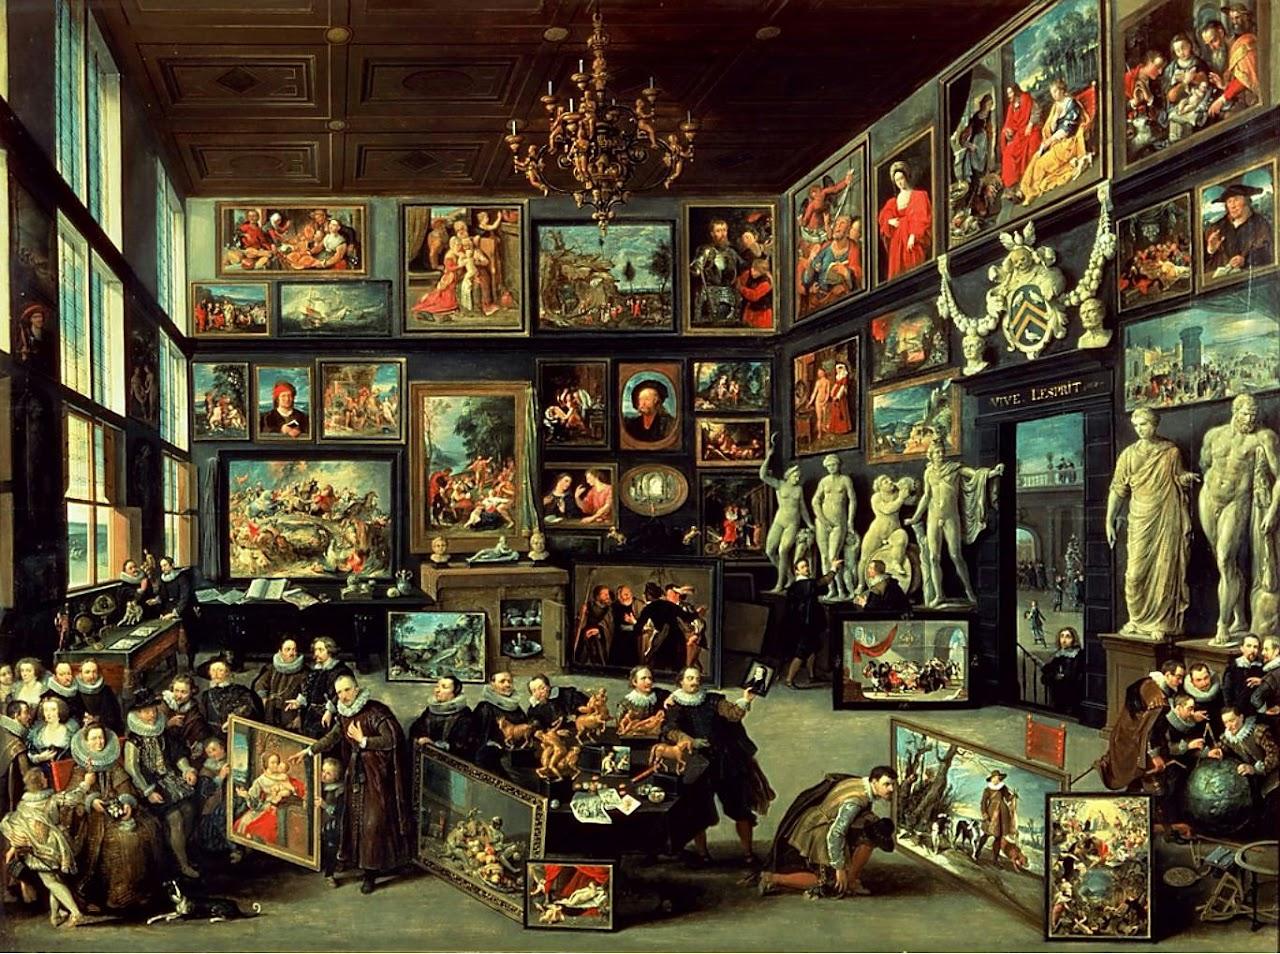 http://1.bp.blogspot.com/-qNaBosU9XYU/T0Z69z6MVNI/AAAAAAAAASY/8_bpAH96tX0/s1280/Haecht,+Willem+van+-+1628+circa,+De+kunstkamer+van+Cornelis+van+der+Geest,+Rubenshuis,+Antwerpen.jpg